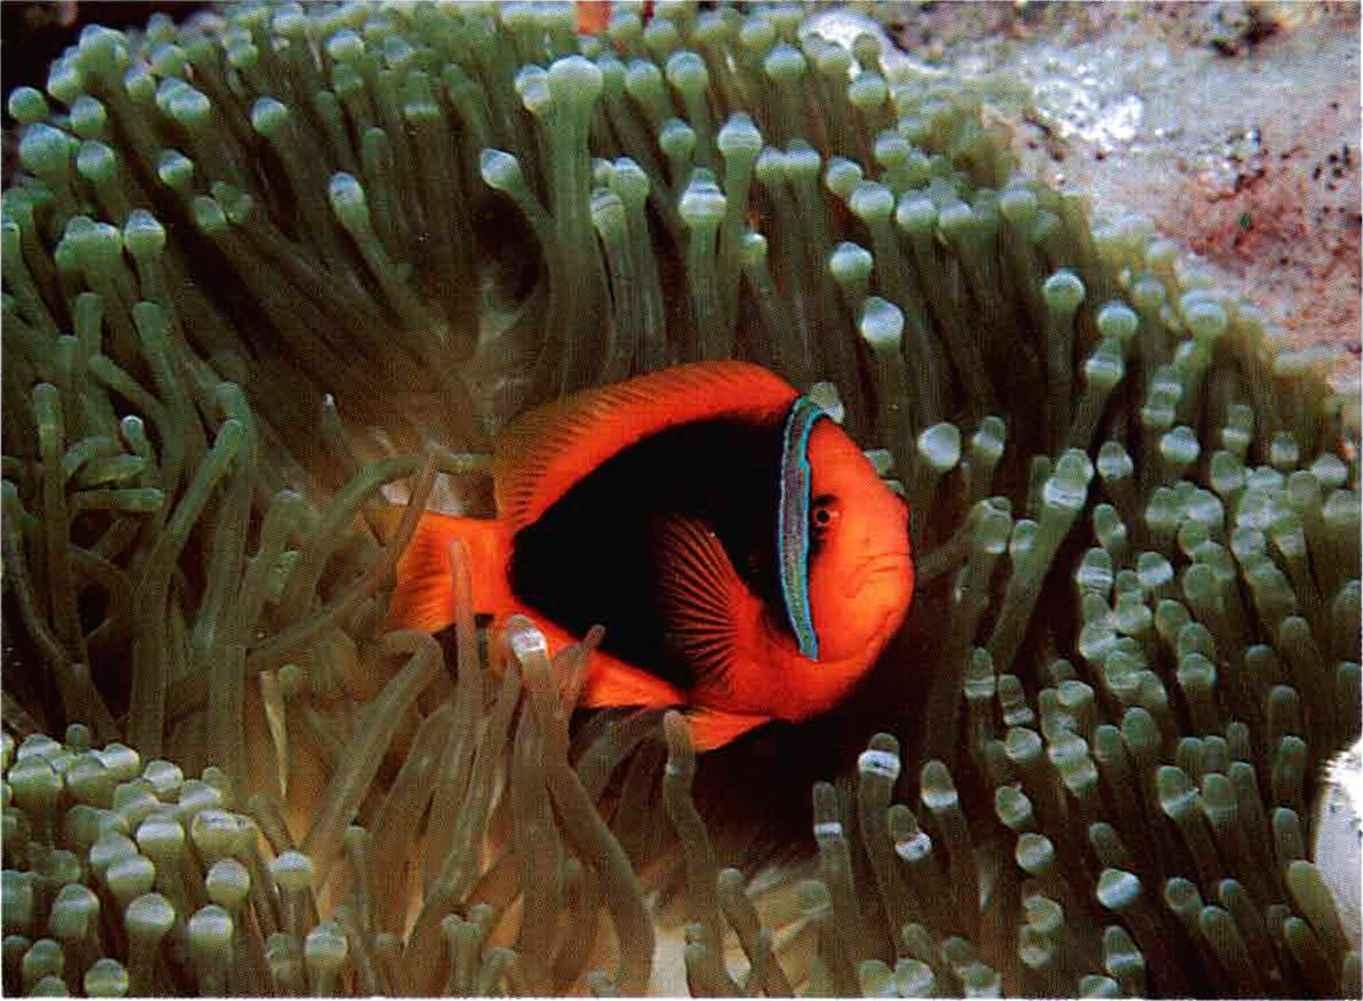 Tomato clownfish anemone - photo#5